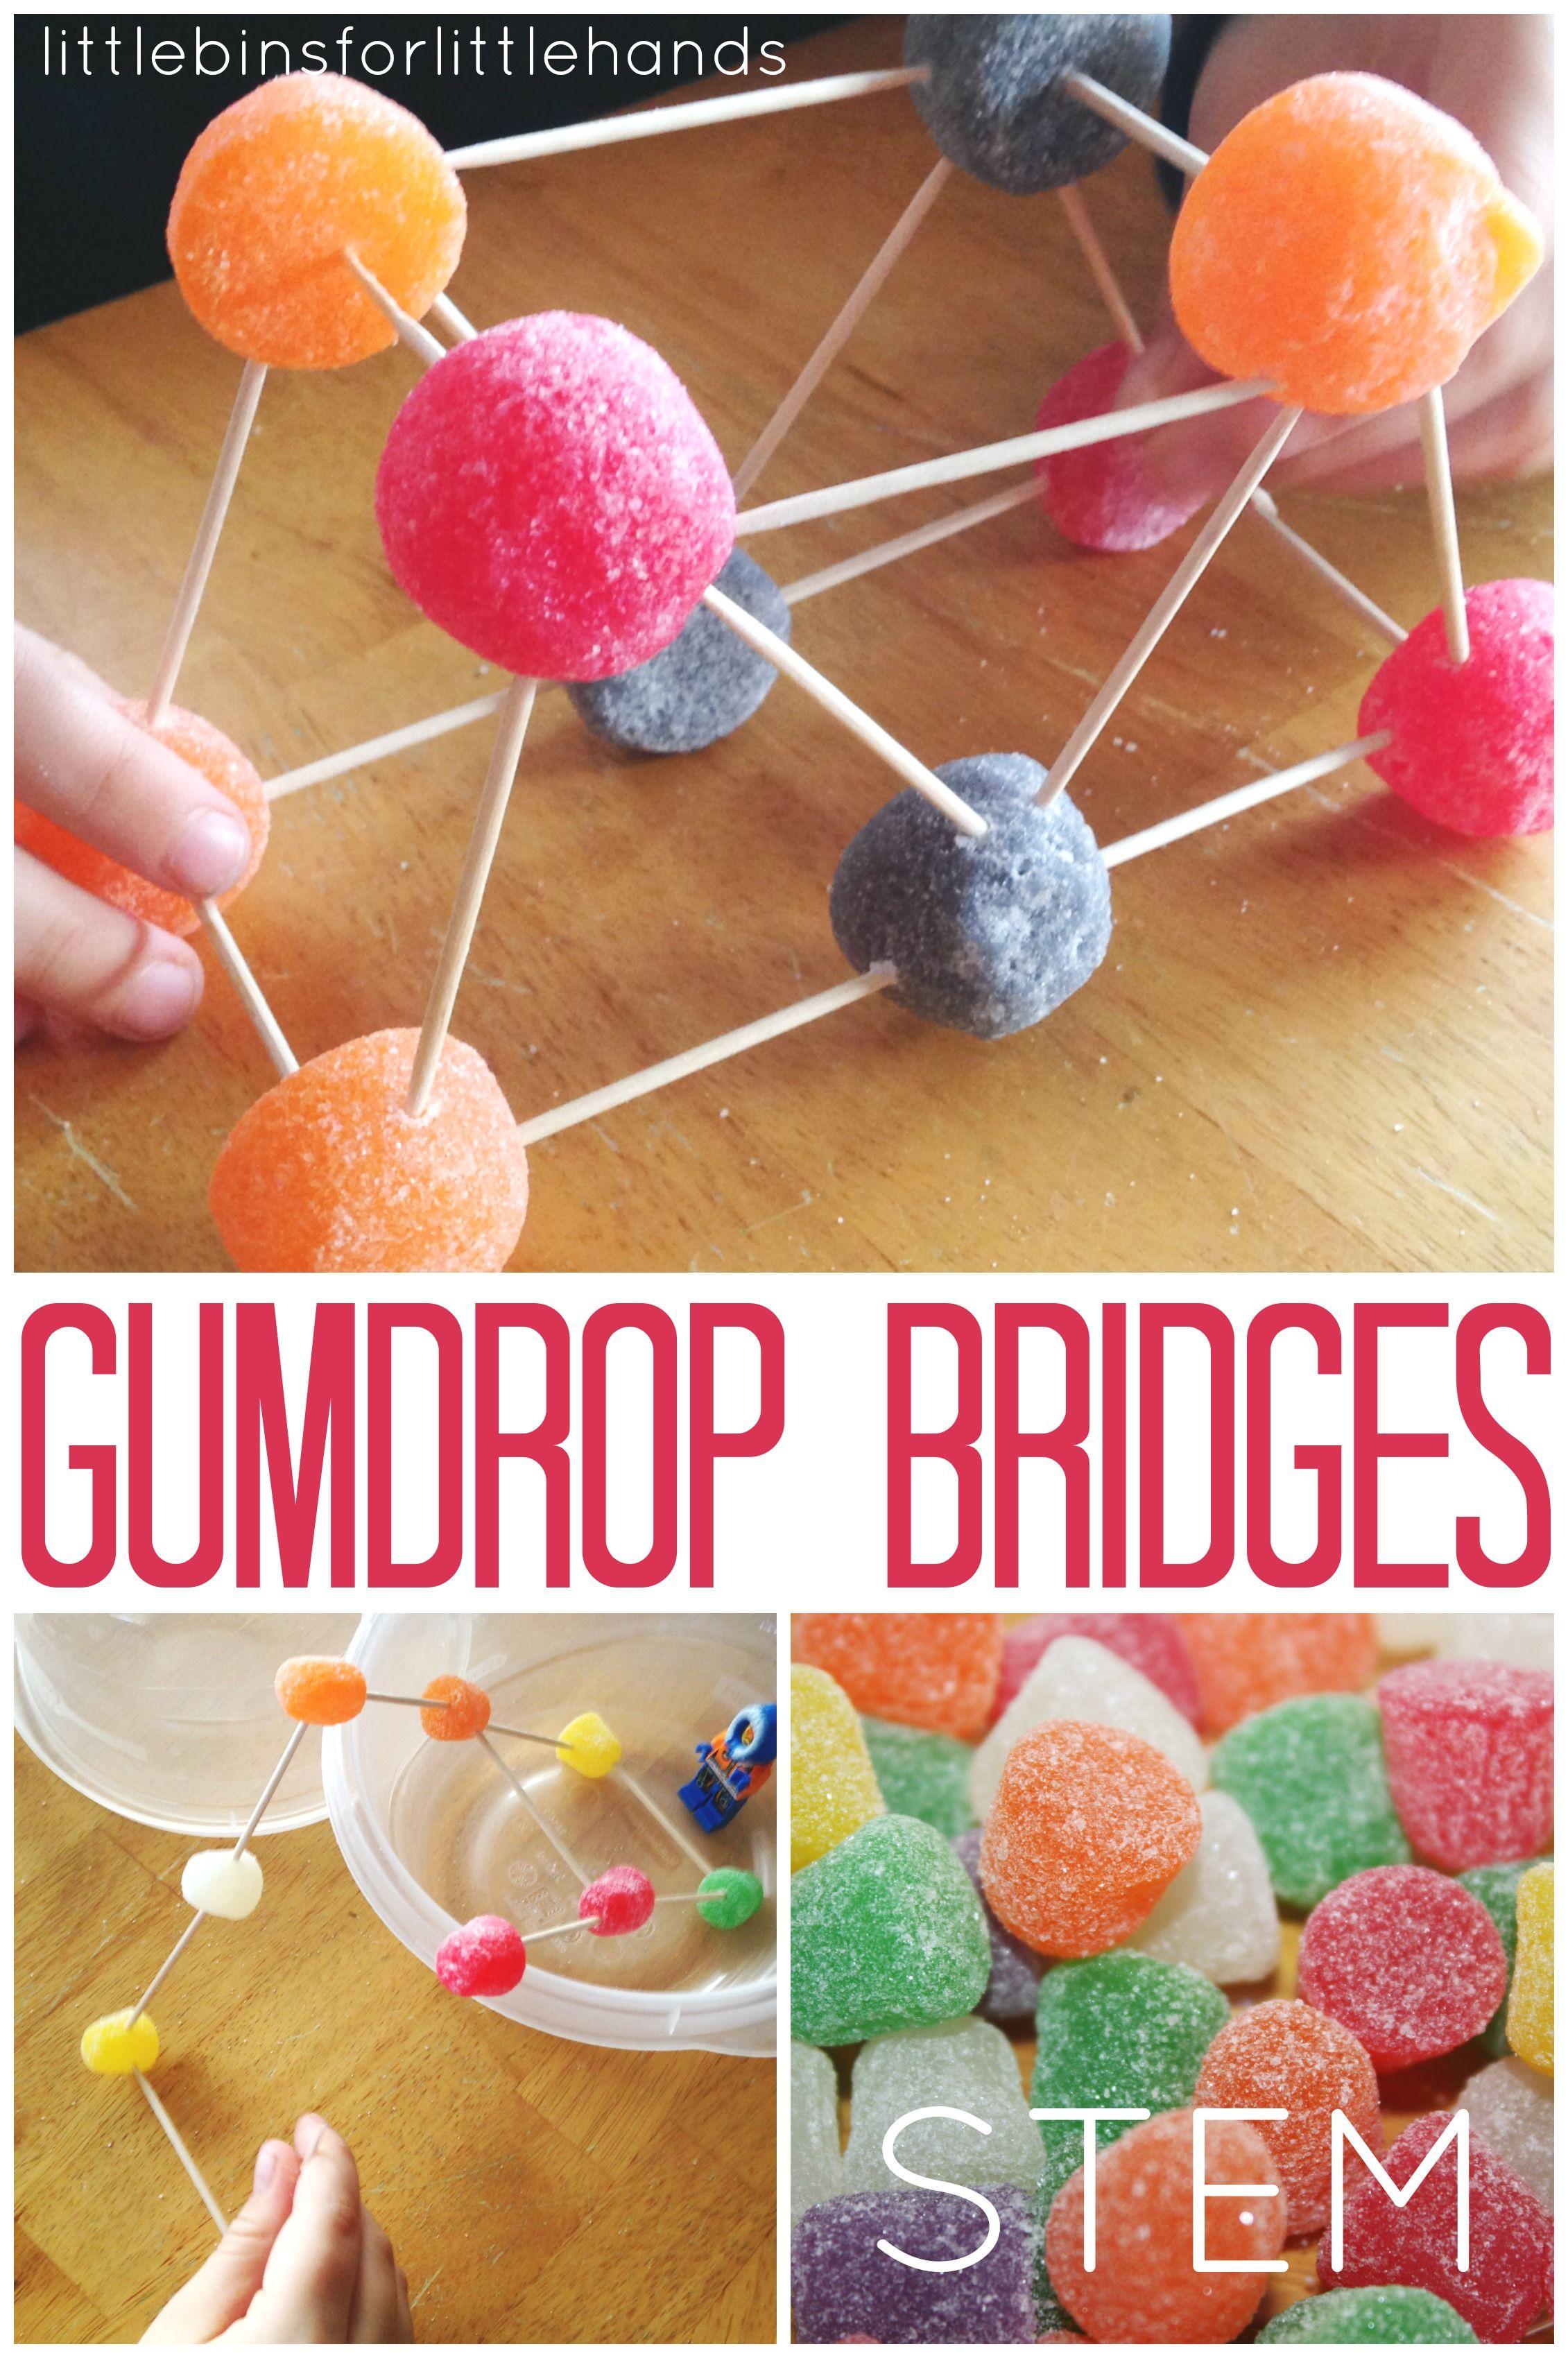 Gumdrop bridge stem challenge stem engineering